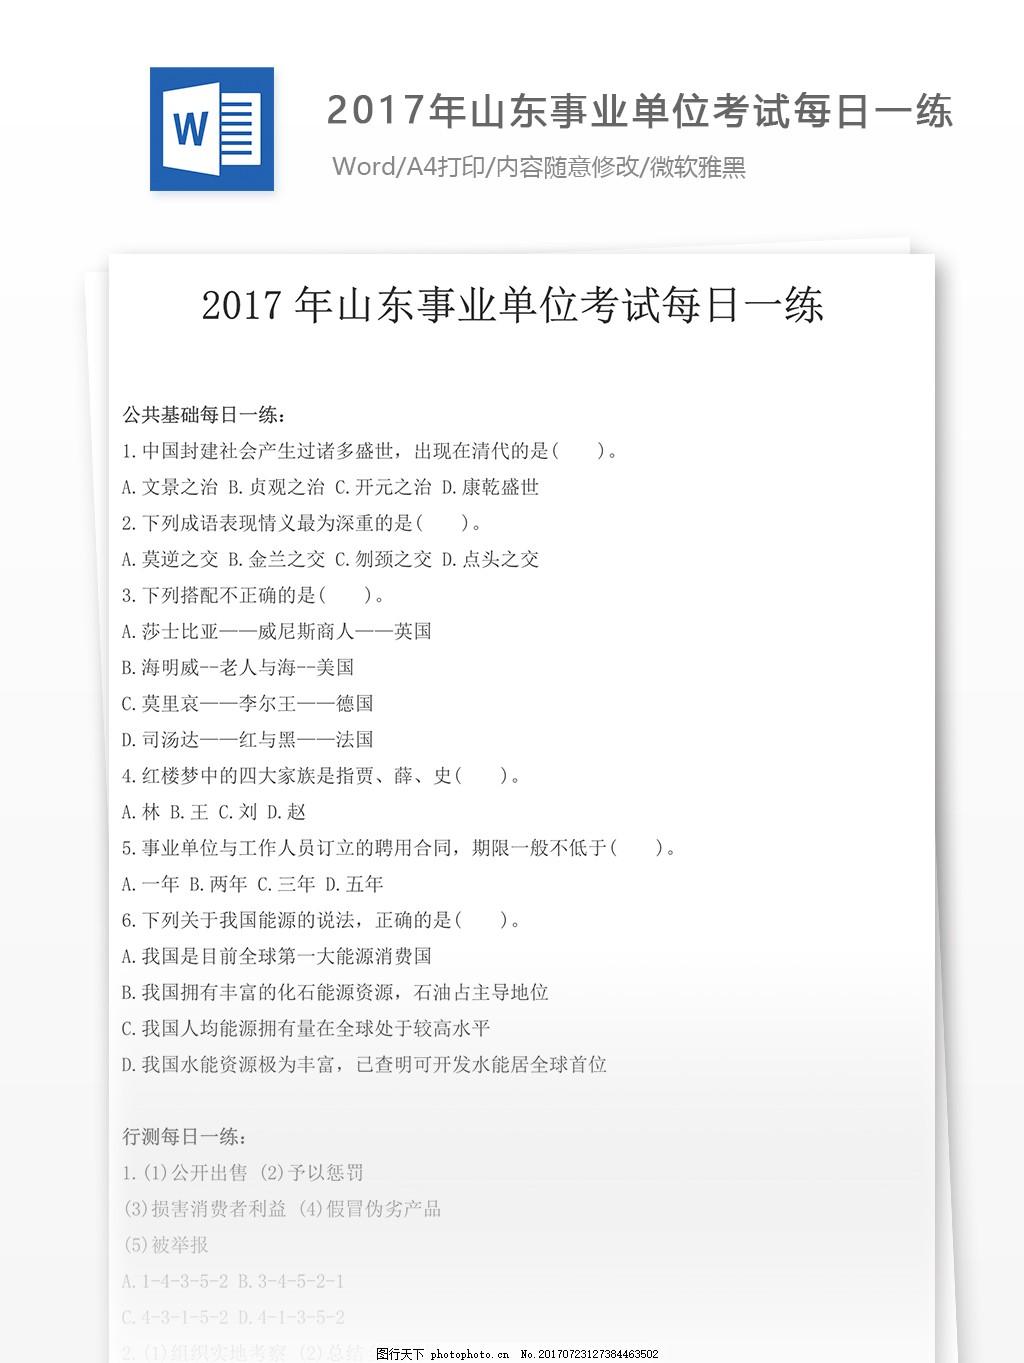 2017年山东事业单位考试每日一练 文库题库 公务员考试题 公务员考试复习资料